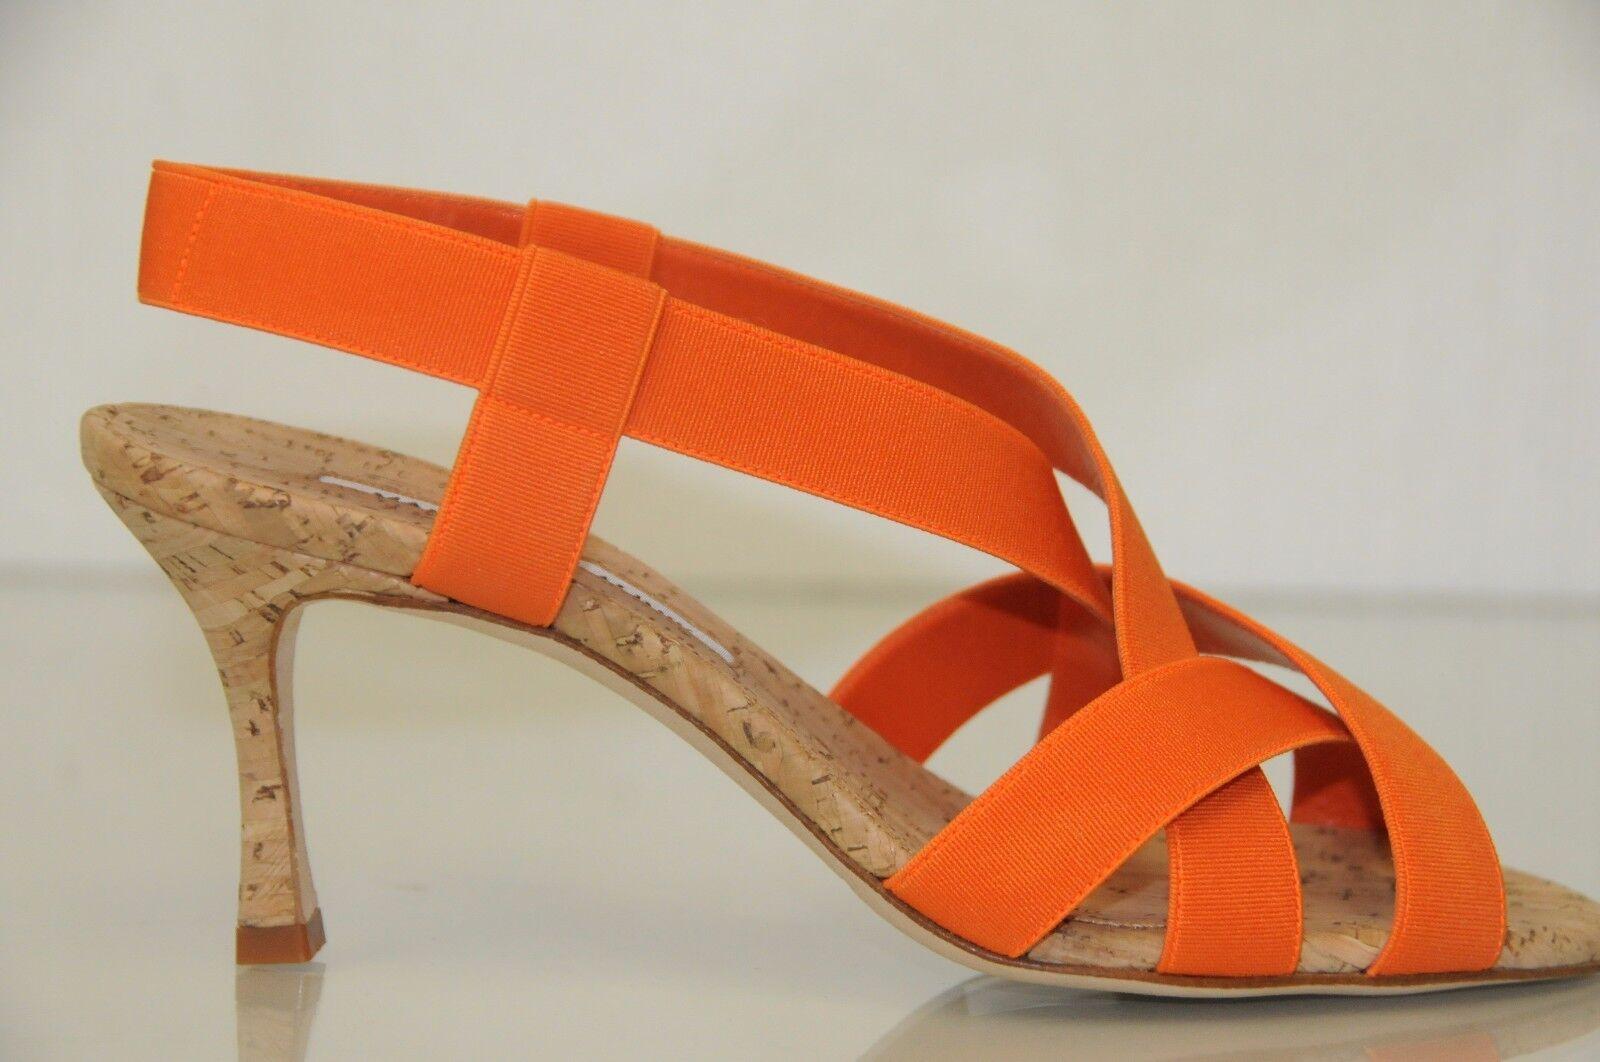 665 Nueva Manolo Blahnik Blahnik Blahnik Lasti Charol Naranja Corcho Sandalias Zapatos 36.5  barato